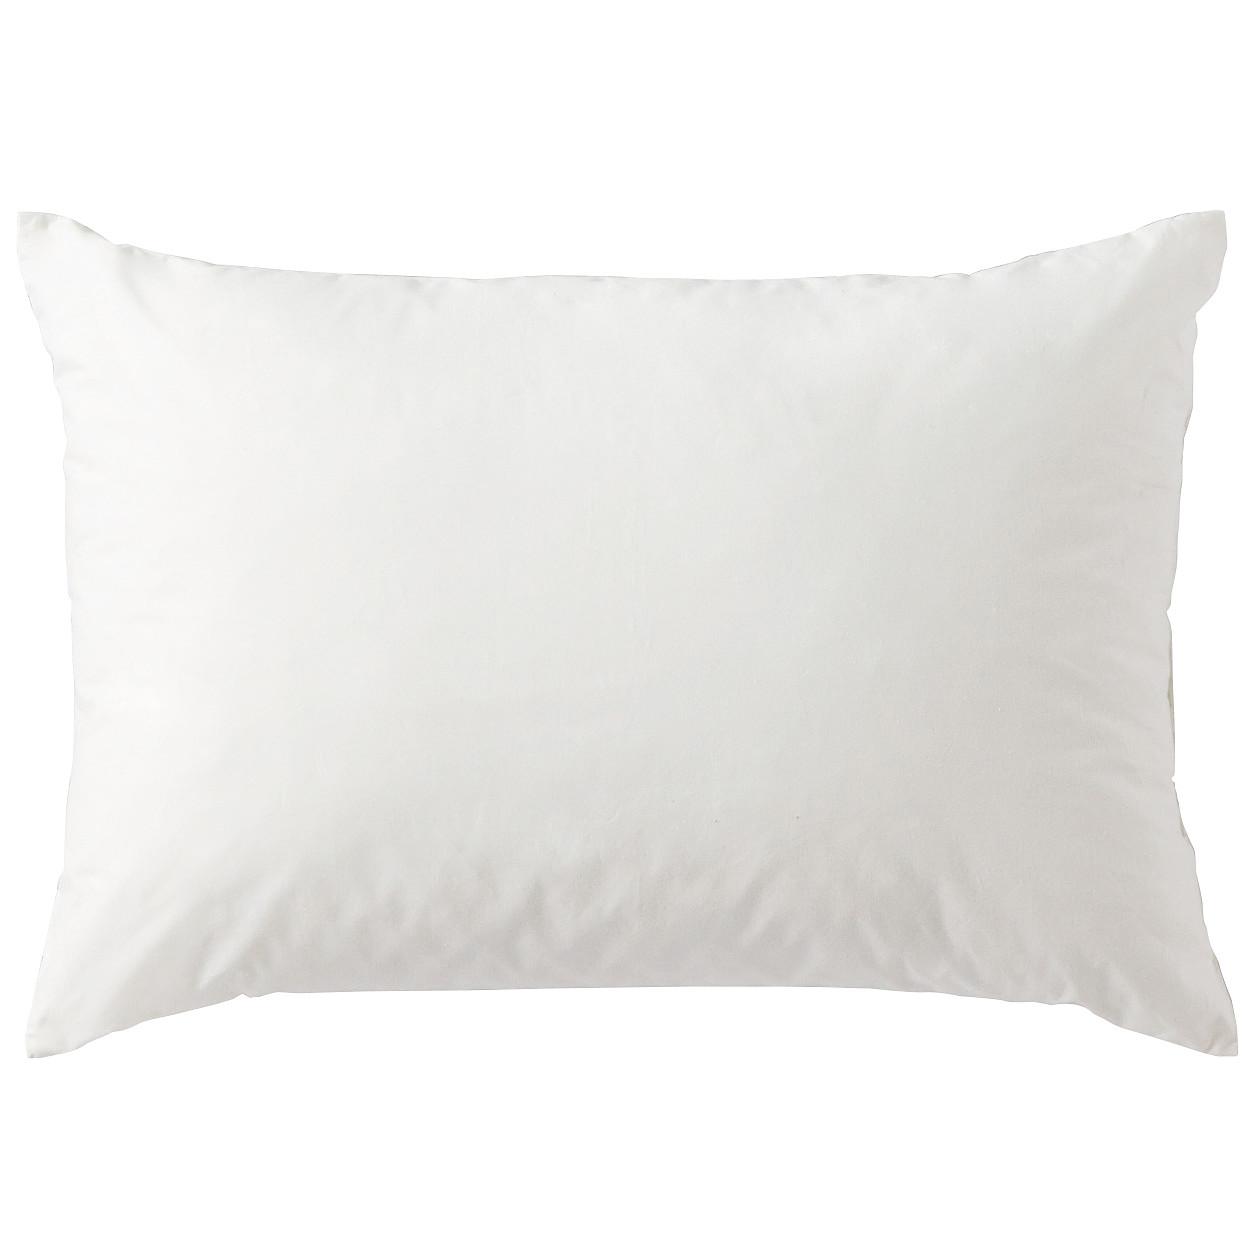 洗える枕のおすすめ11選!抗菌防臭タイプも